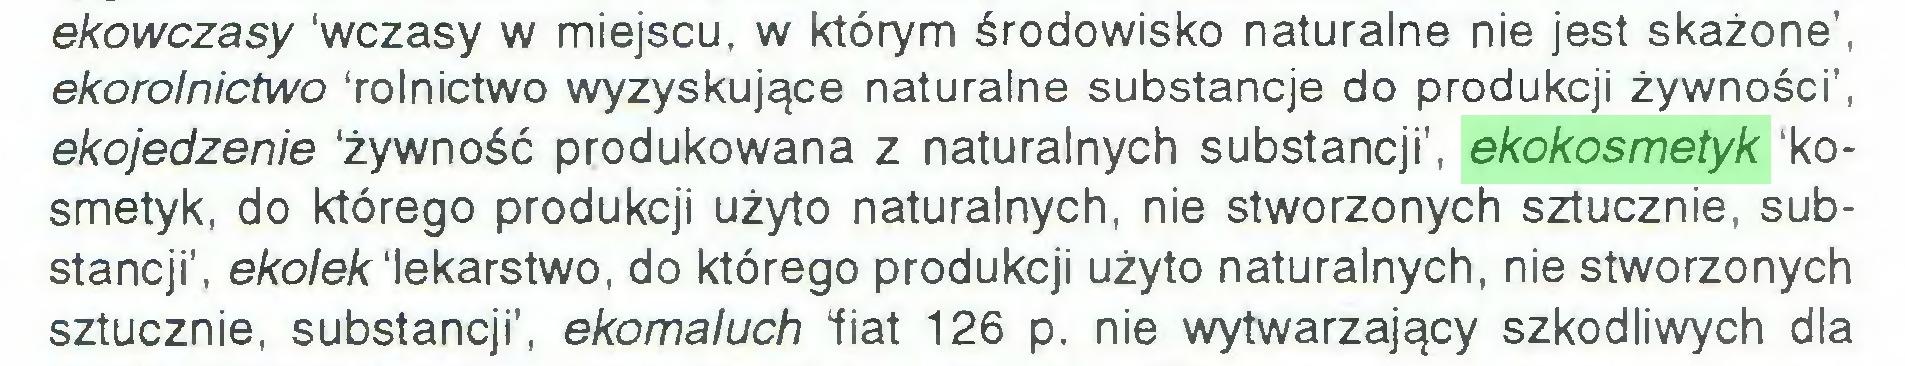 """(...) ekowczasy 'wczasy w miejscu, w którym środowisko naturalne nie jest skażone', ekorolnictwo 'rolnictwo wyzyskujące naturalne substancje do produkcji żywności', ekojedzenie 'żywność produkowana z naturalnych substancji', ekokosmetyk 'kosmetyk, do którego produkcji użyto naturalnych, nie stworzonych sztucznie, substancji', ekolek 'lekarstwo, do którego produkcji użyto naturalnych, nie stworzonych sztucznie, substancji', ekomaluch """"fiat 126 p. nie wytwarzający szkodliwych dla..."""